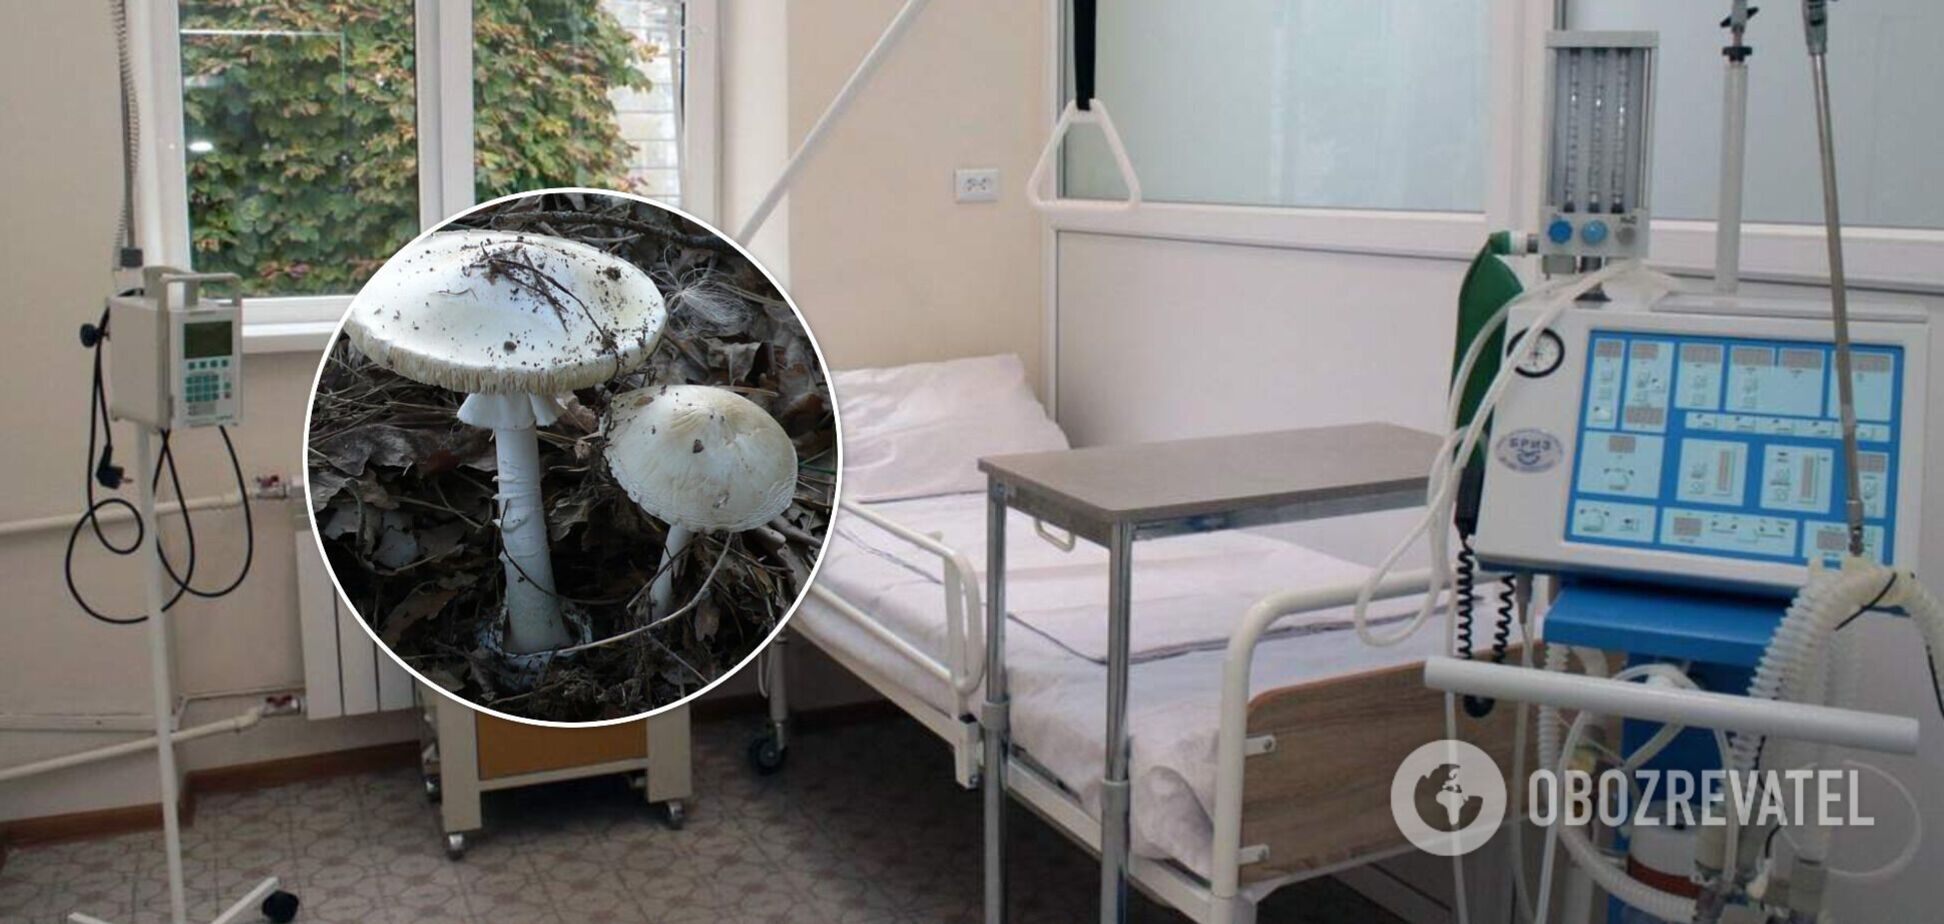 Во Львове трое человек попали в больницу после употребления грибов: врач рассказала об их состояние